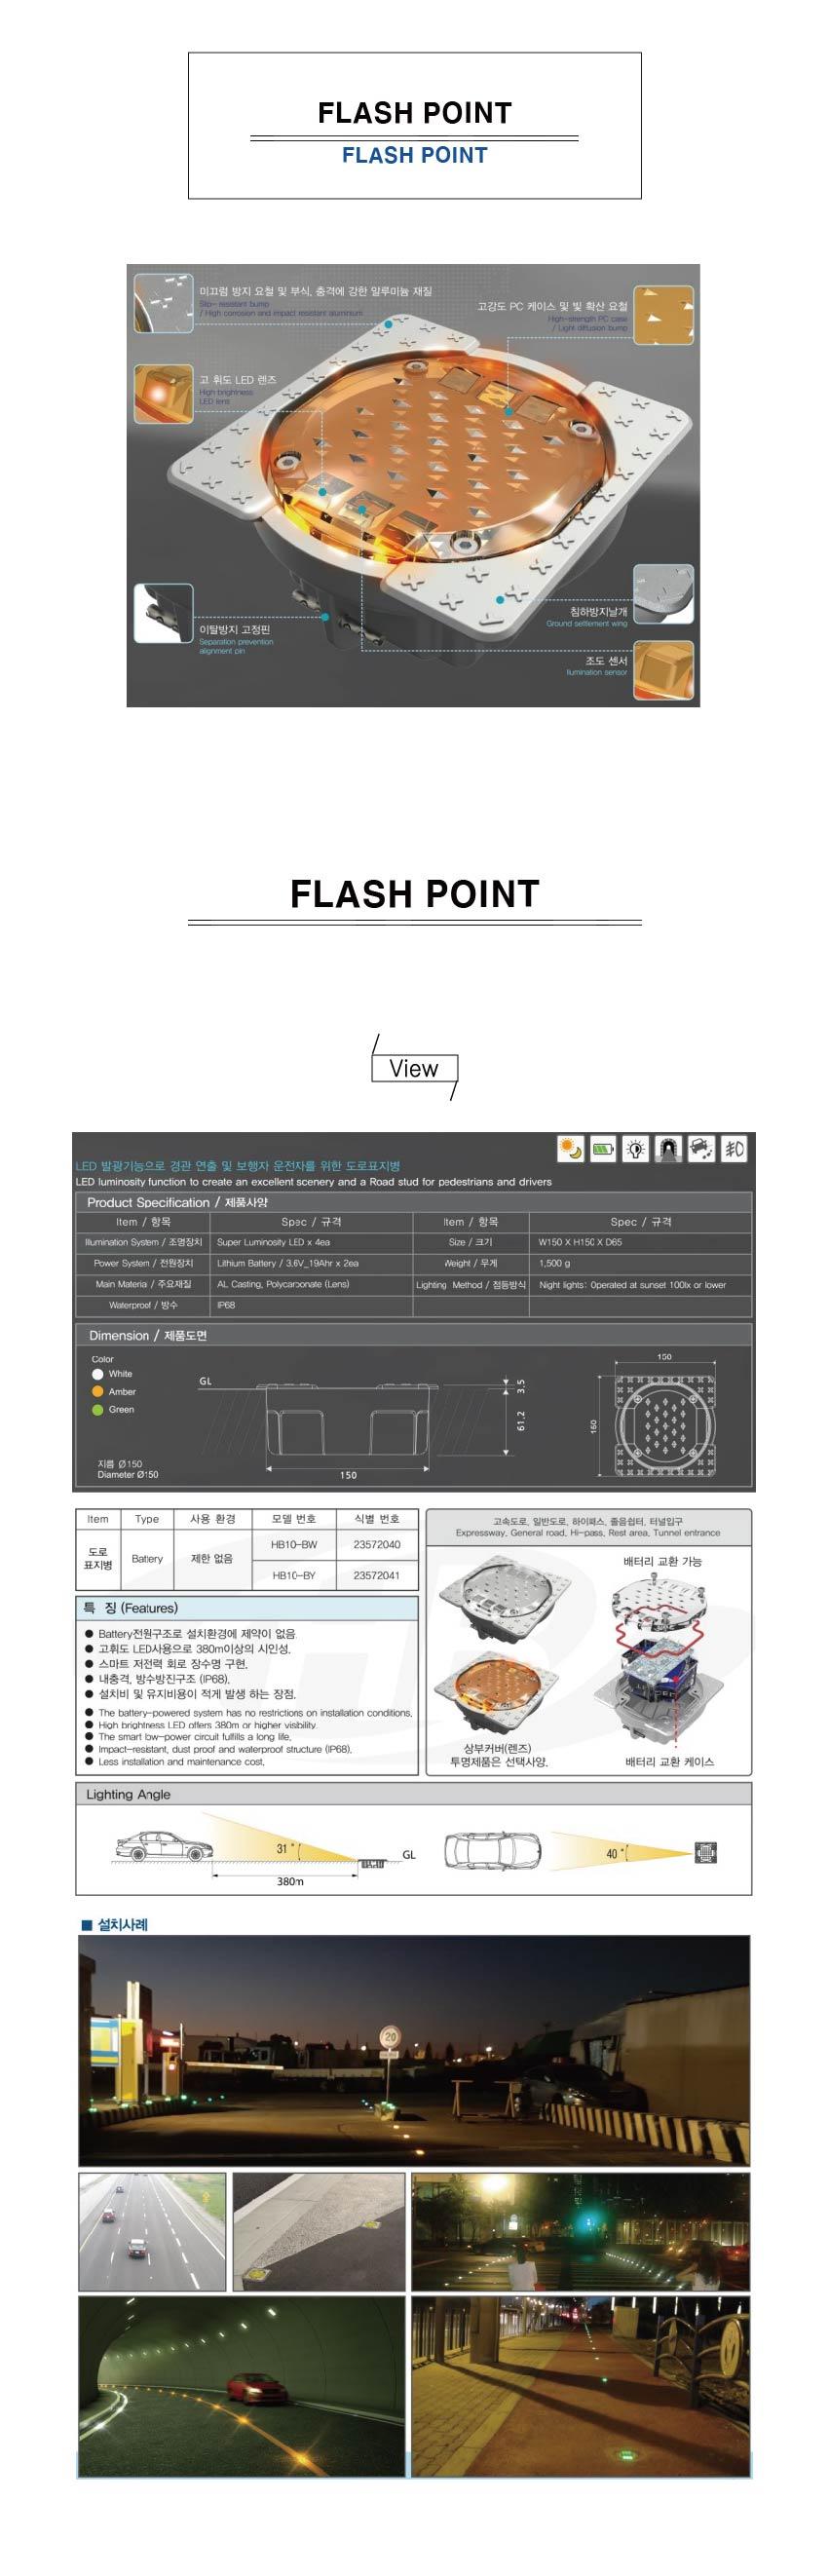 FLASH POINT-1-01.jpg